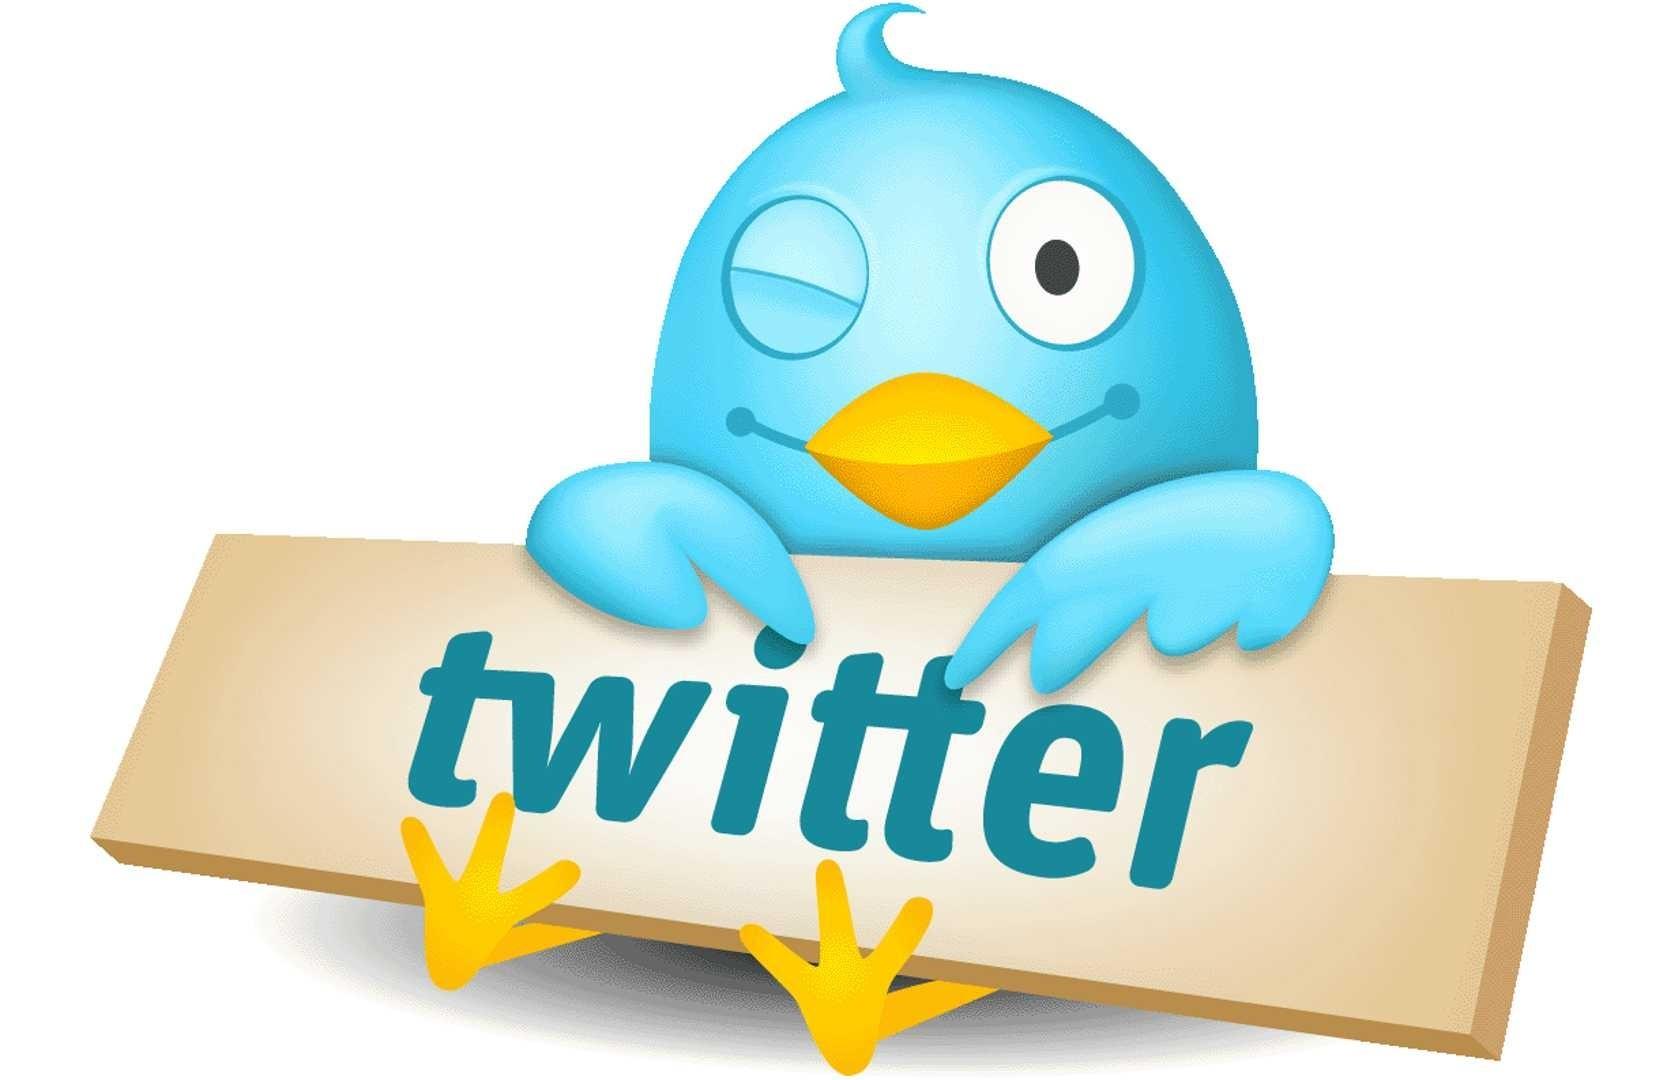 Руководство соц. сети  Twitter  прибавит  возможность ночного режима для пользователей iOS